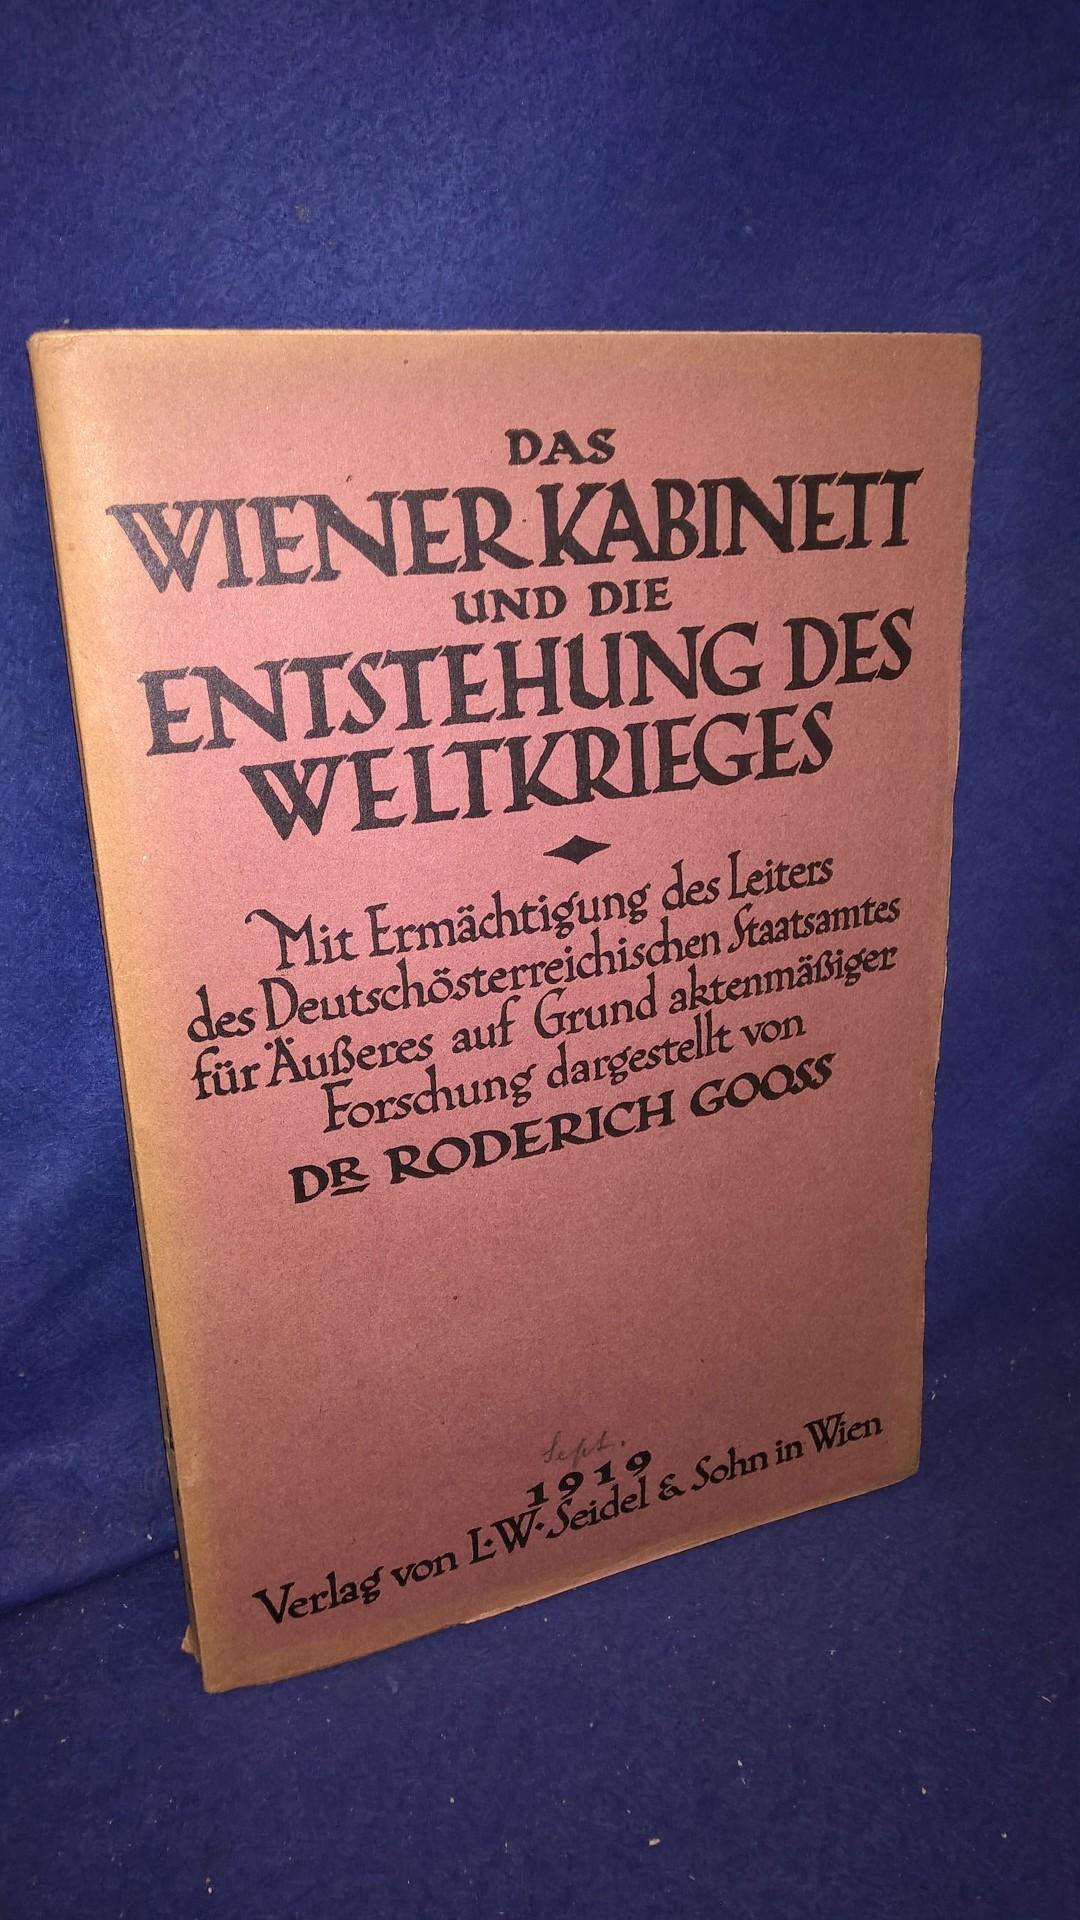 Das Wiener Kabinett und die Entstehung des Weltkrieges